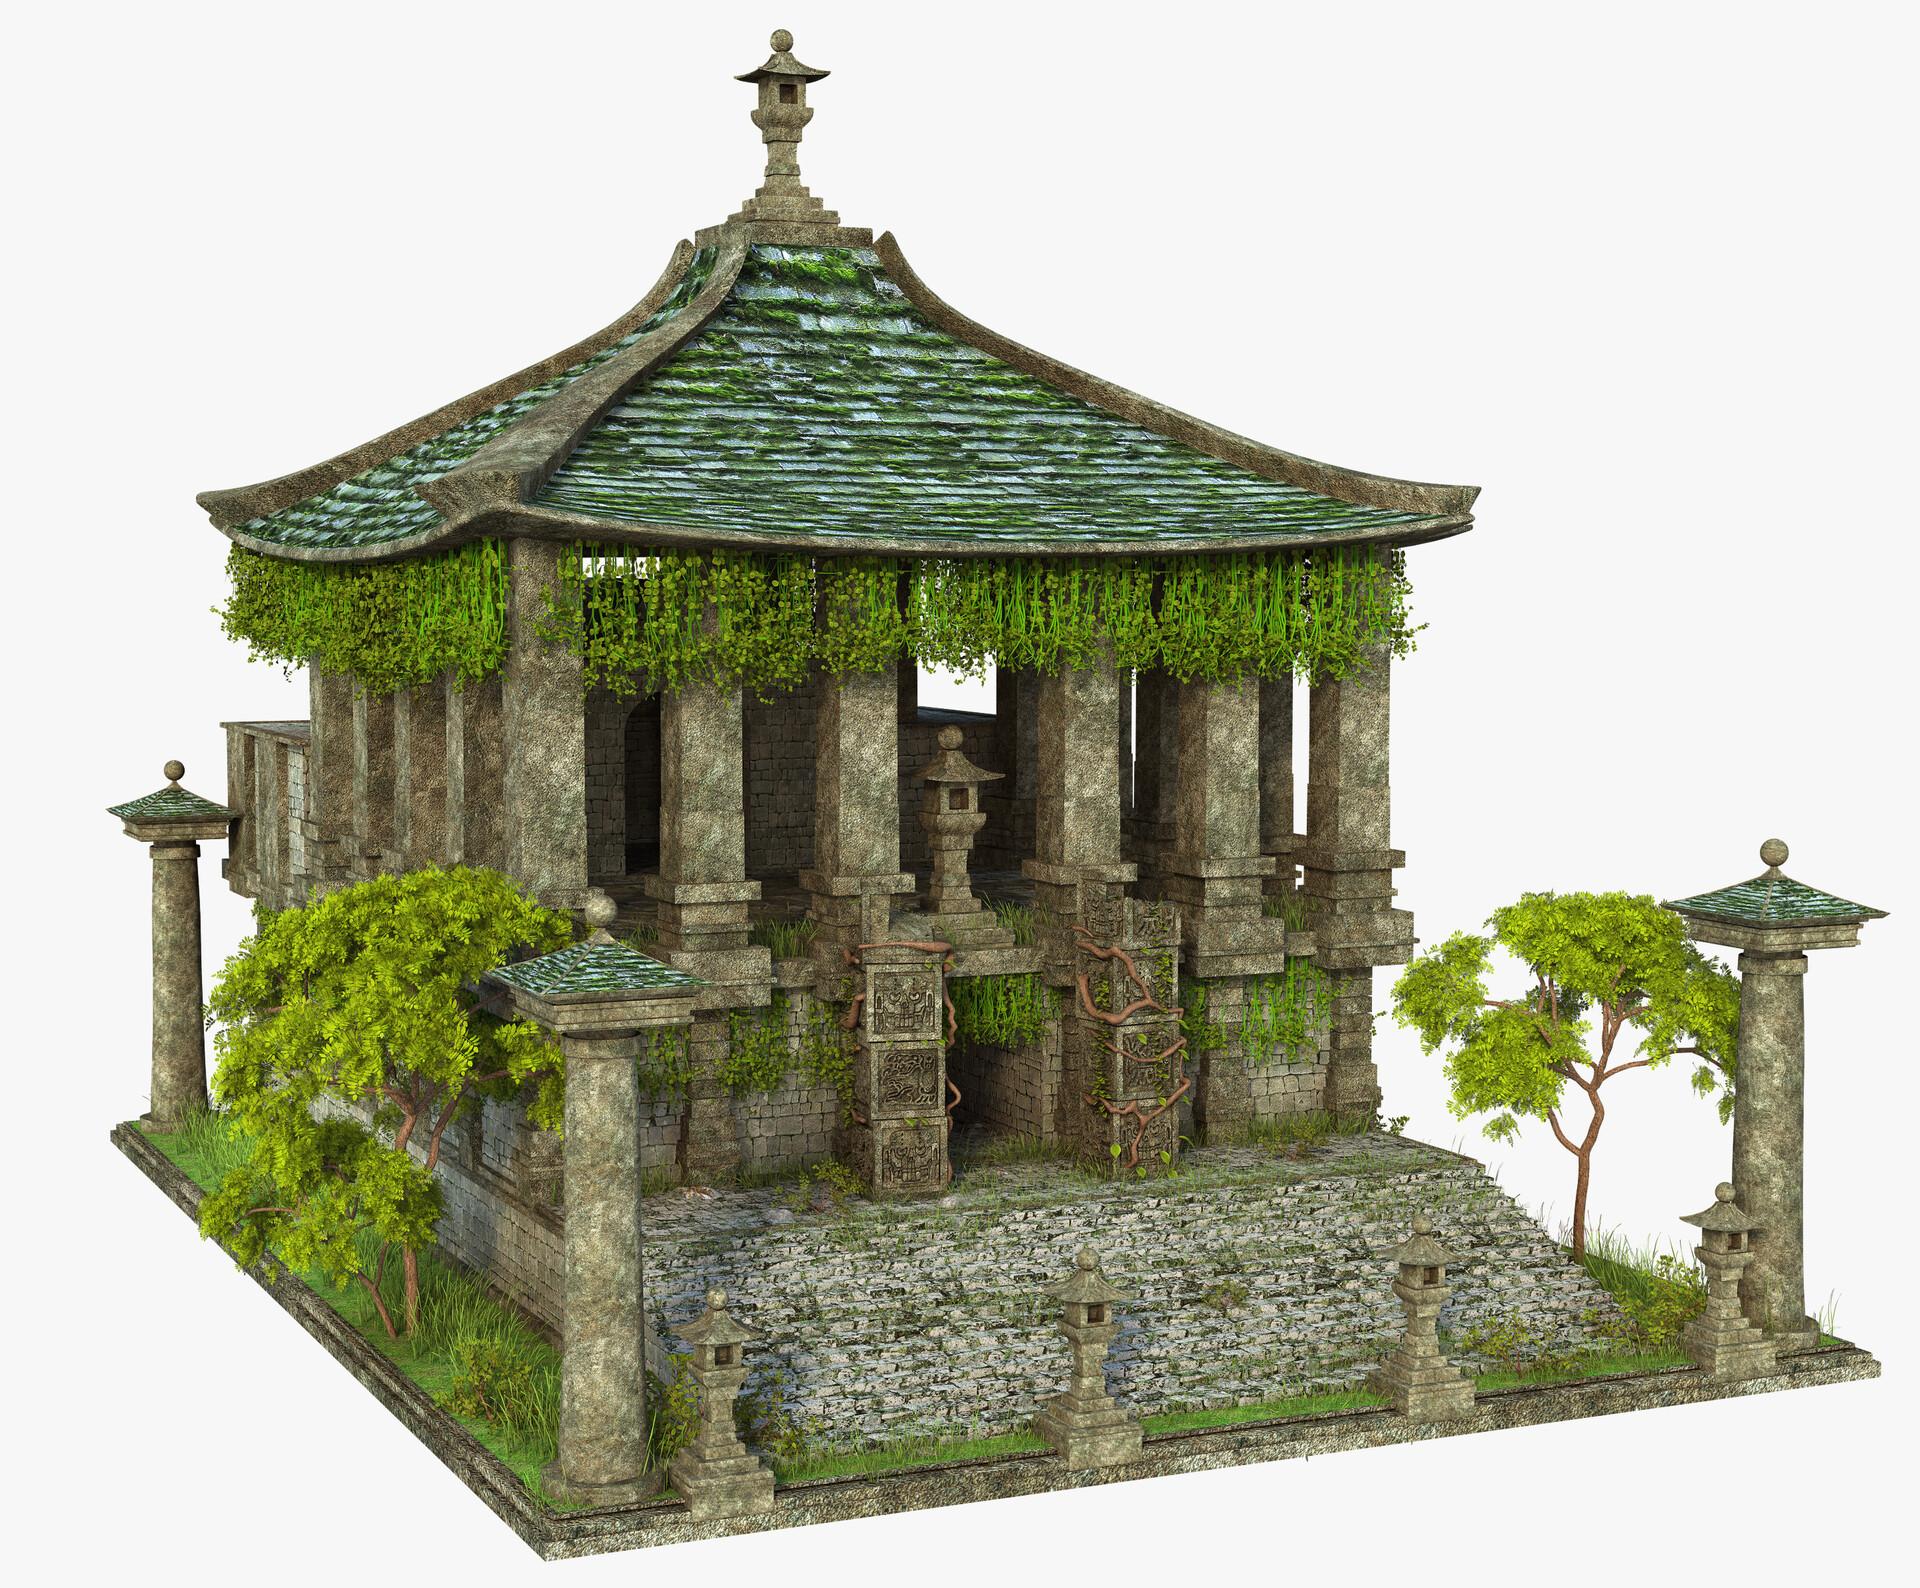 Marc mons temple1